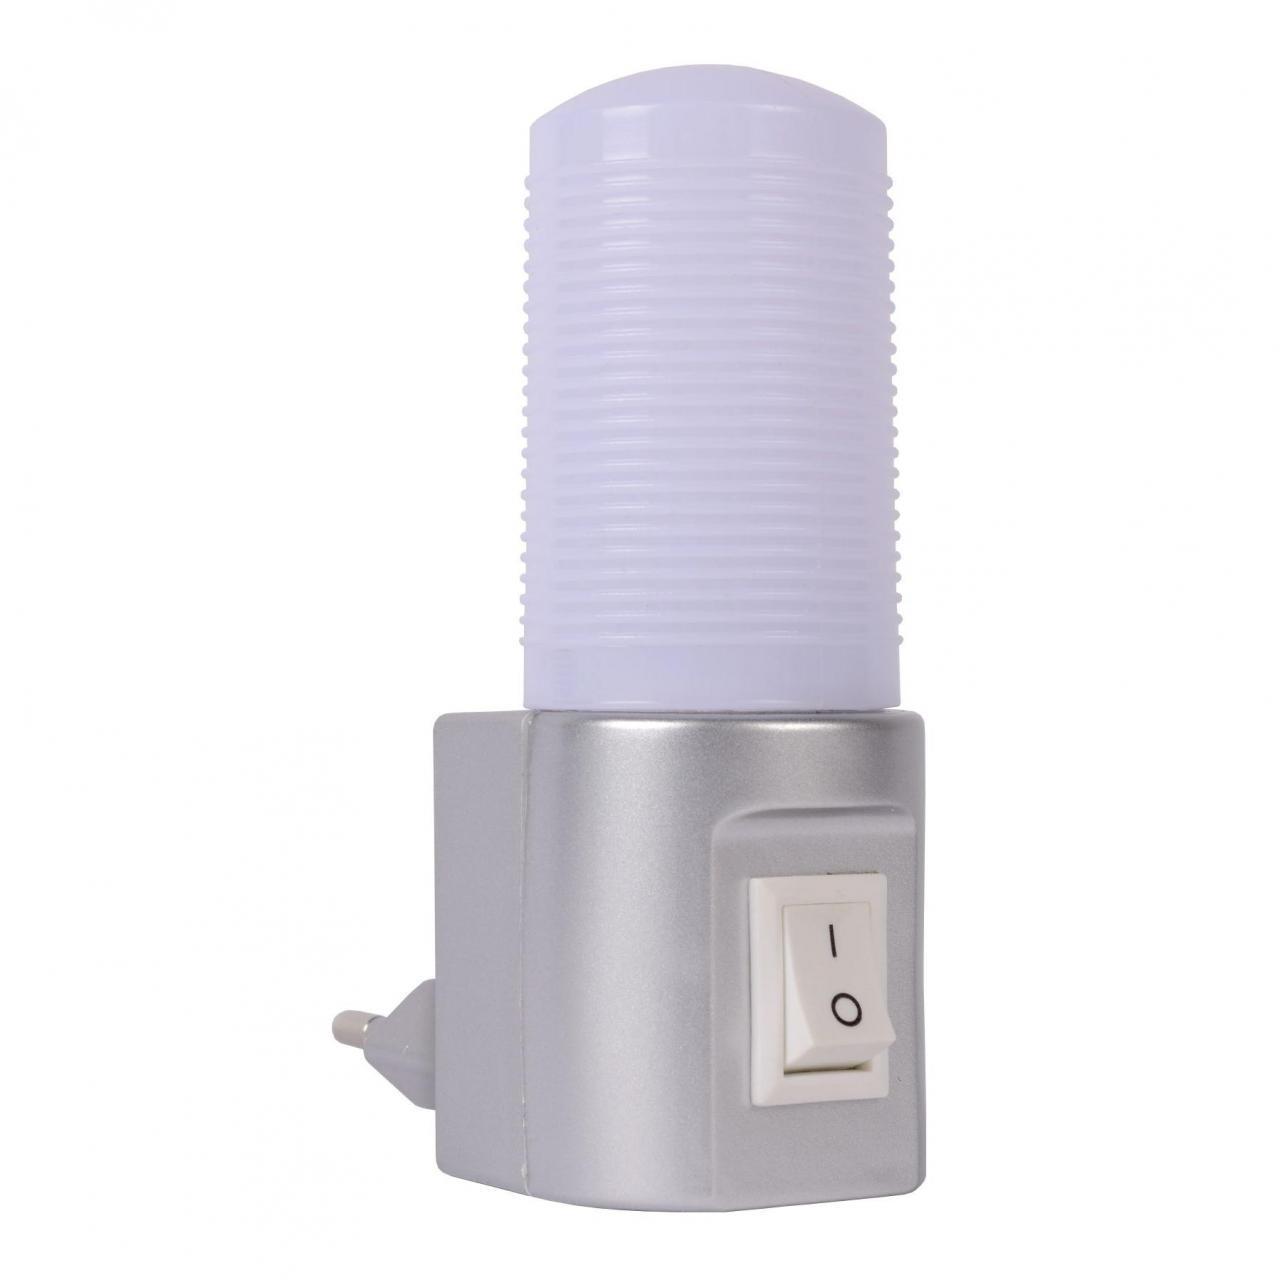 Настенный светодиодный светильник Lucide Led Night Light 22202/01/36 colorful aurora projector led night light